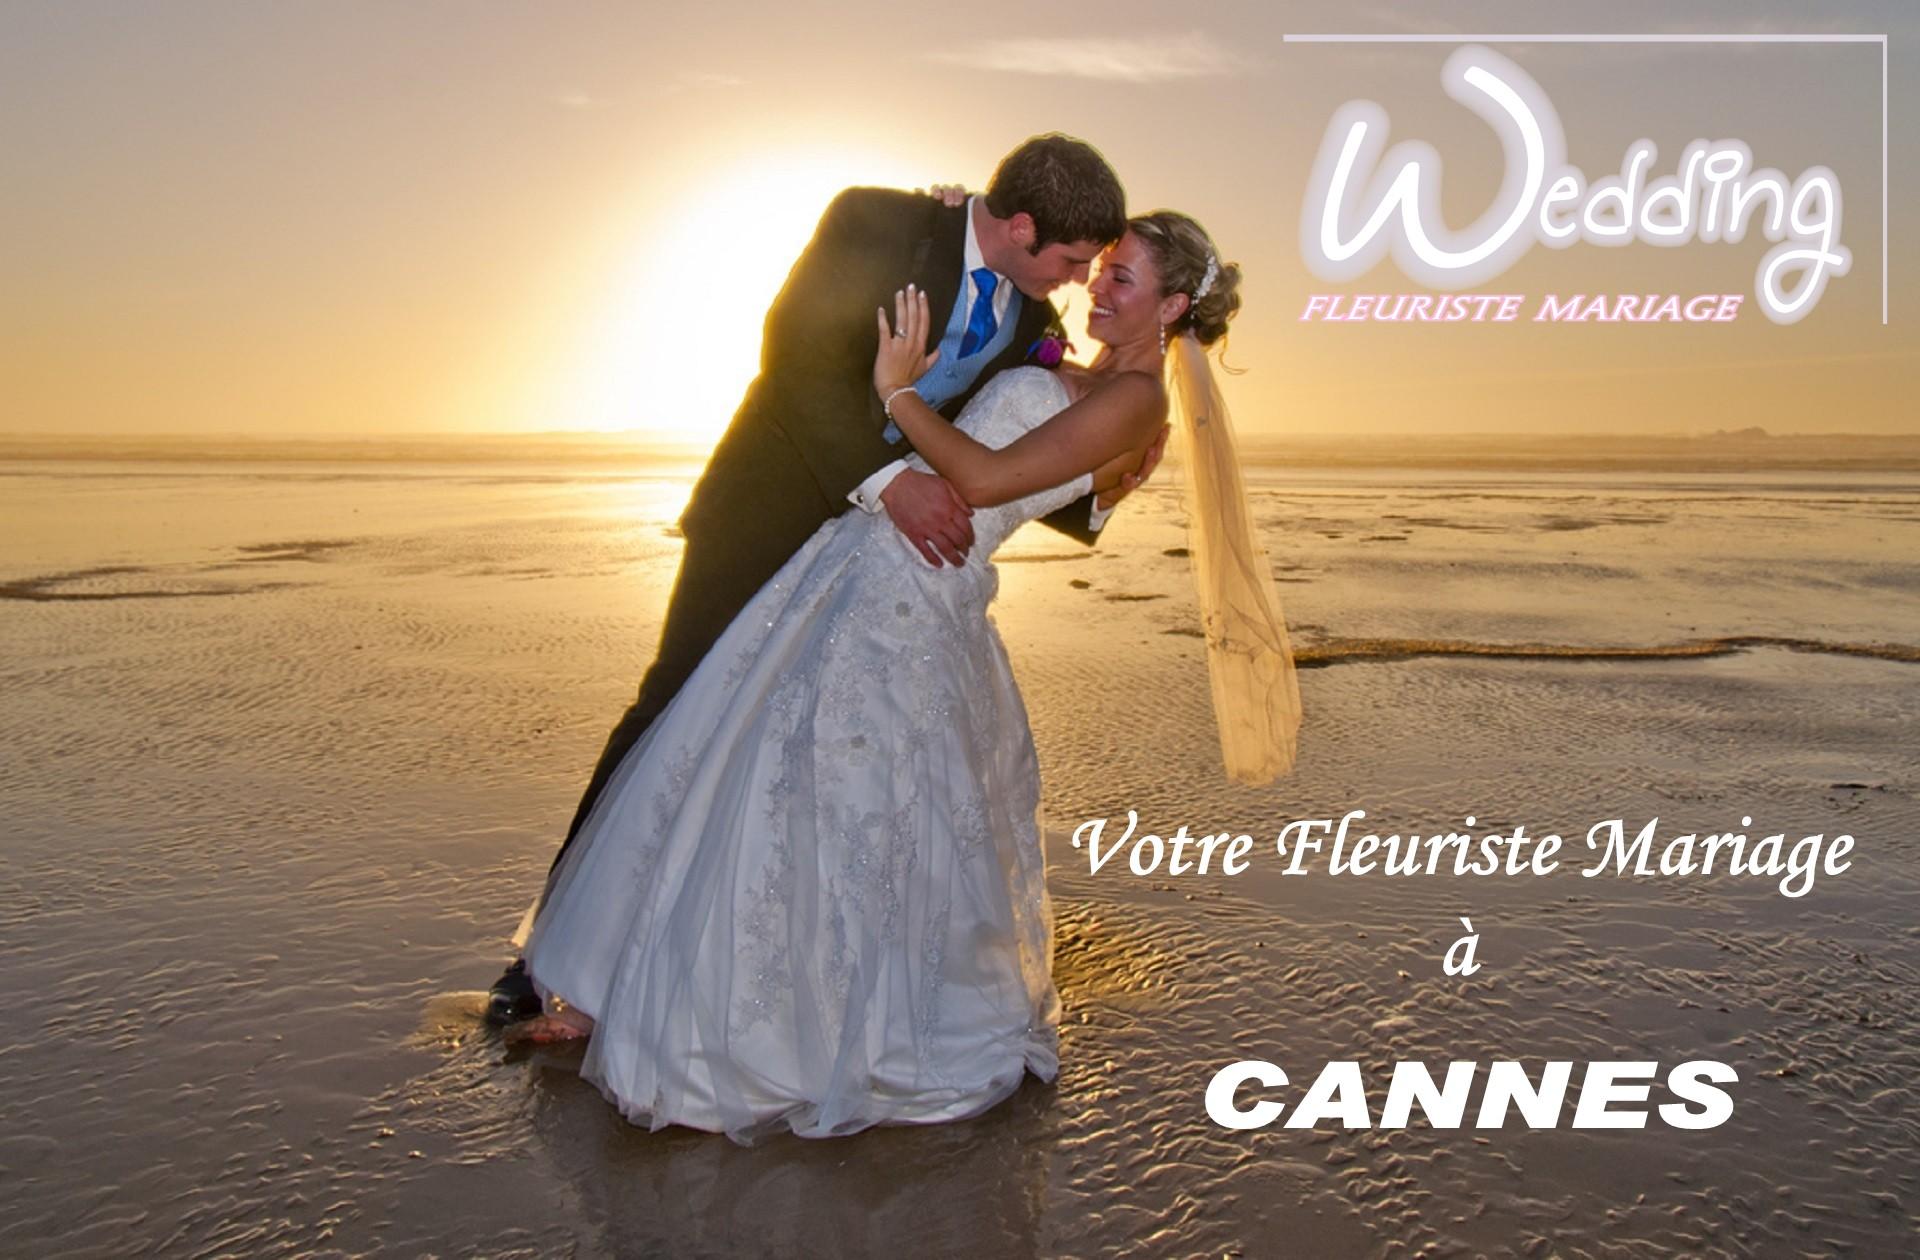 FLEURISTE MARIAGE CANNES - WEDDING PLANNER CANNES - TRAITEUR CANNES